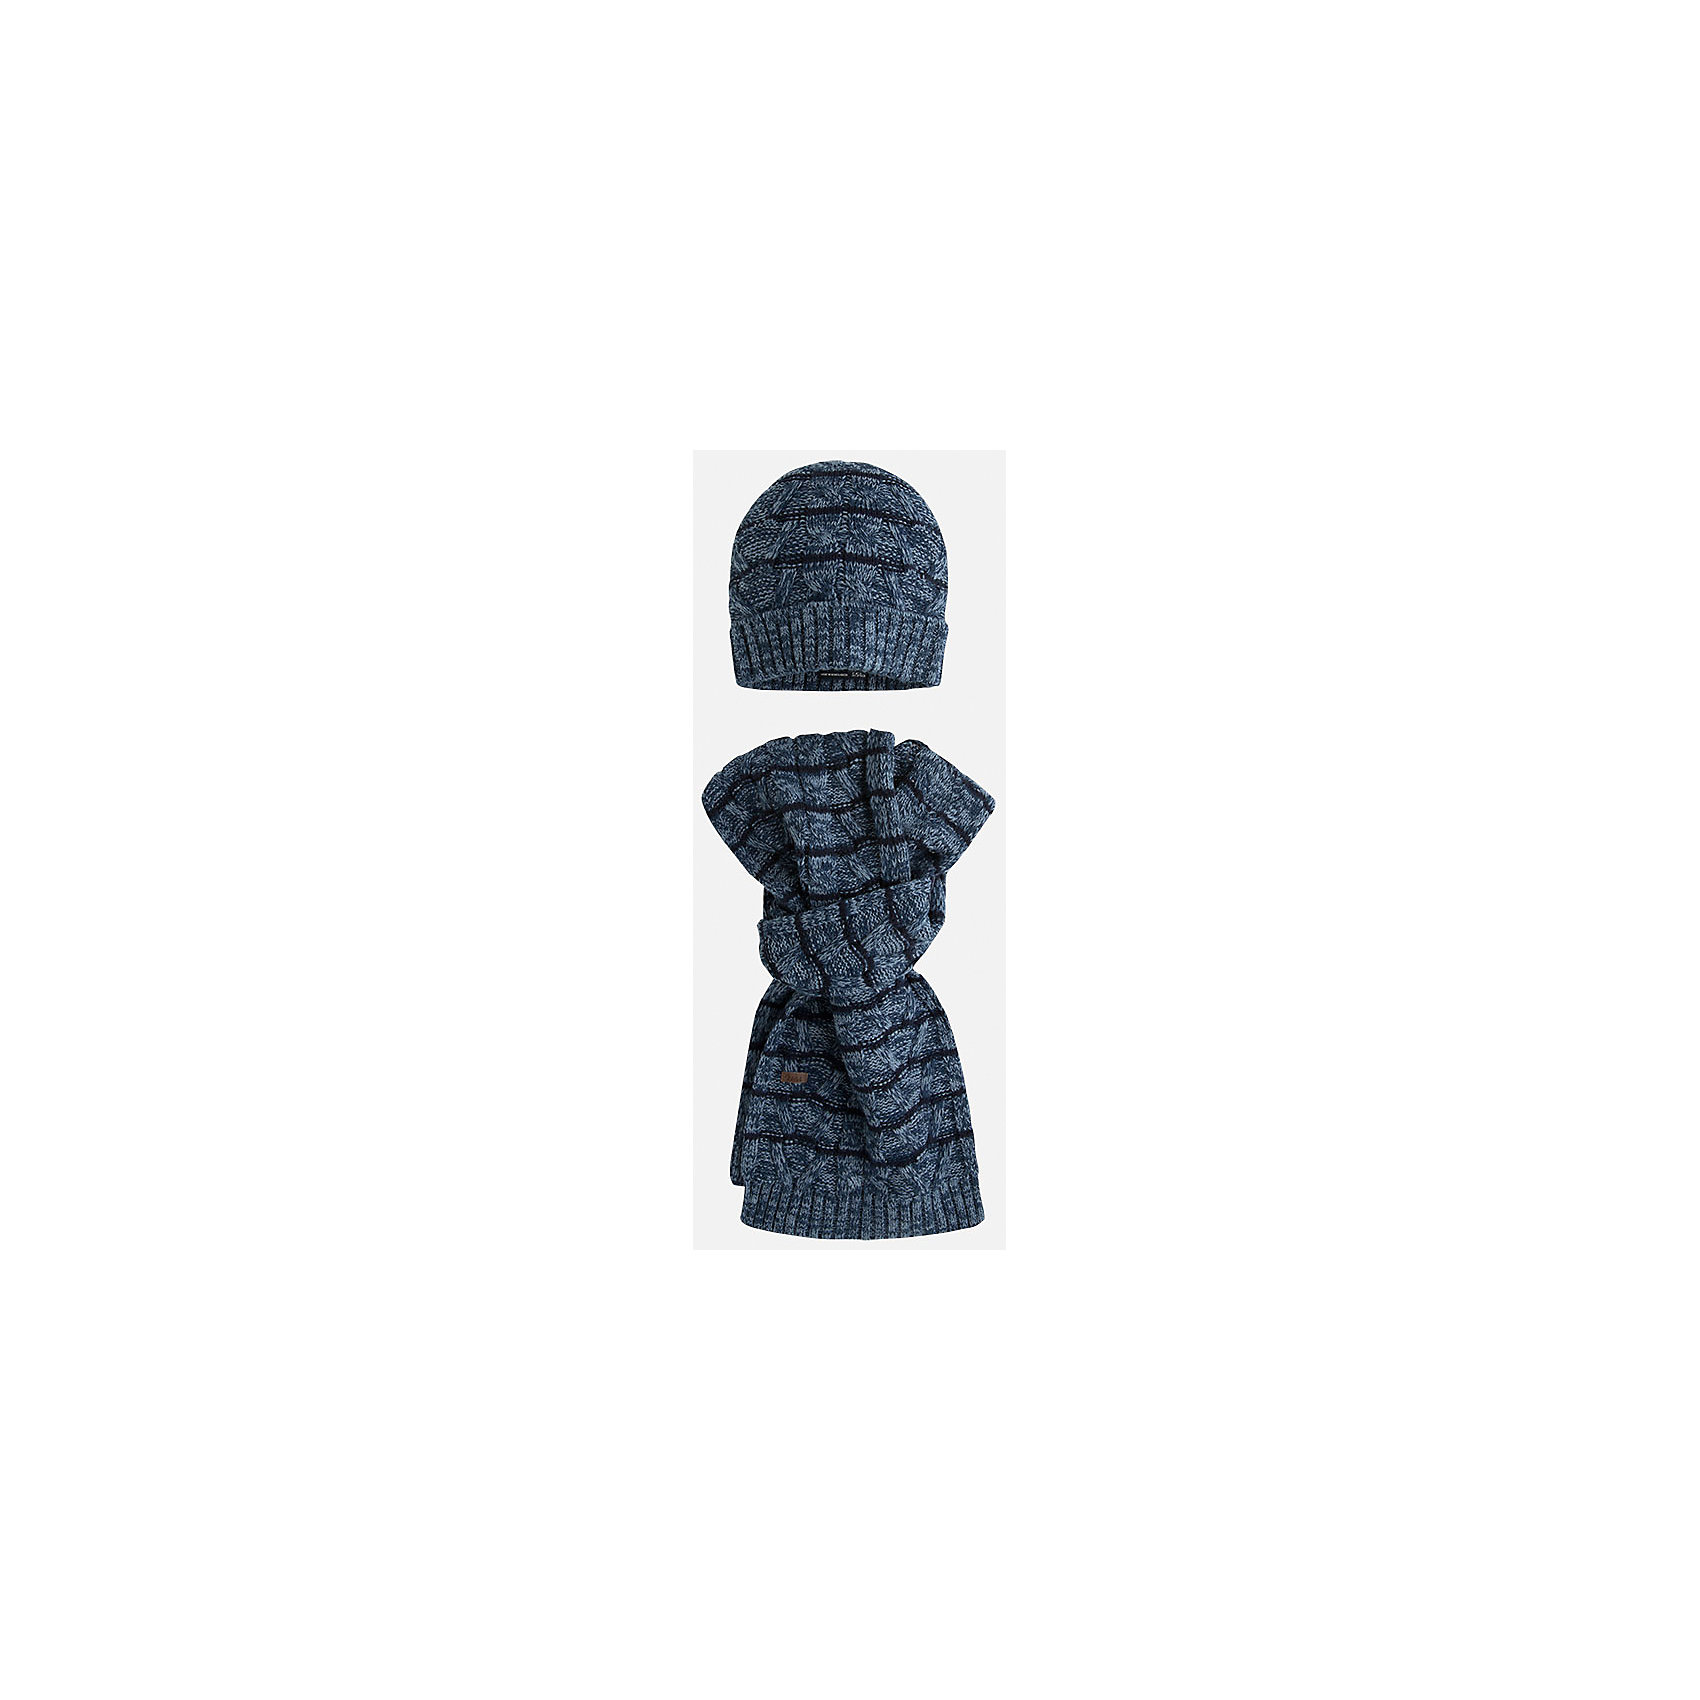 Комплект: шапка-шарф для мальчика MayoralКомплект из шапки и шарфа для мальчика от известного испанского бренда Mayoral изготовлен из эластичных мягких тканей. Приятный на вид дизайн комплекта в полоску всегда остается в моде!<br>Дополнительная информация:<br>-цвет: синий/черный<br>--состав: 100% акрил<br>Комплект из шапки и шарфа Mayoral можно приобрести  в нашем интернет-магазине.<br><br>Ширина мм: 89<br>Глубина мм: 117<br>Высота мм: 44<br>Вес г: 155<br>Цвет: синий<br>Возраст от месяцев: 72<br>Возраст до месяцев: 84<br>Пол: Мужской<br>Возраст: Детский<br>Размер: 54,56,52<br>SKU: 4820299